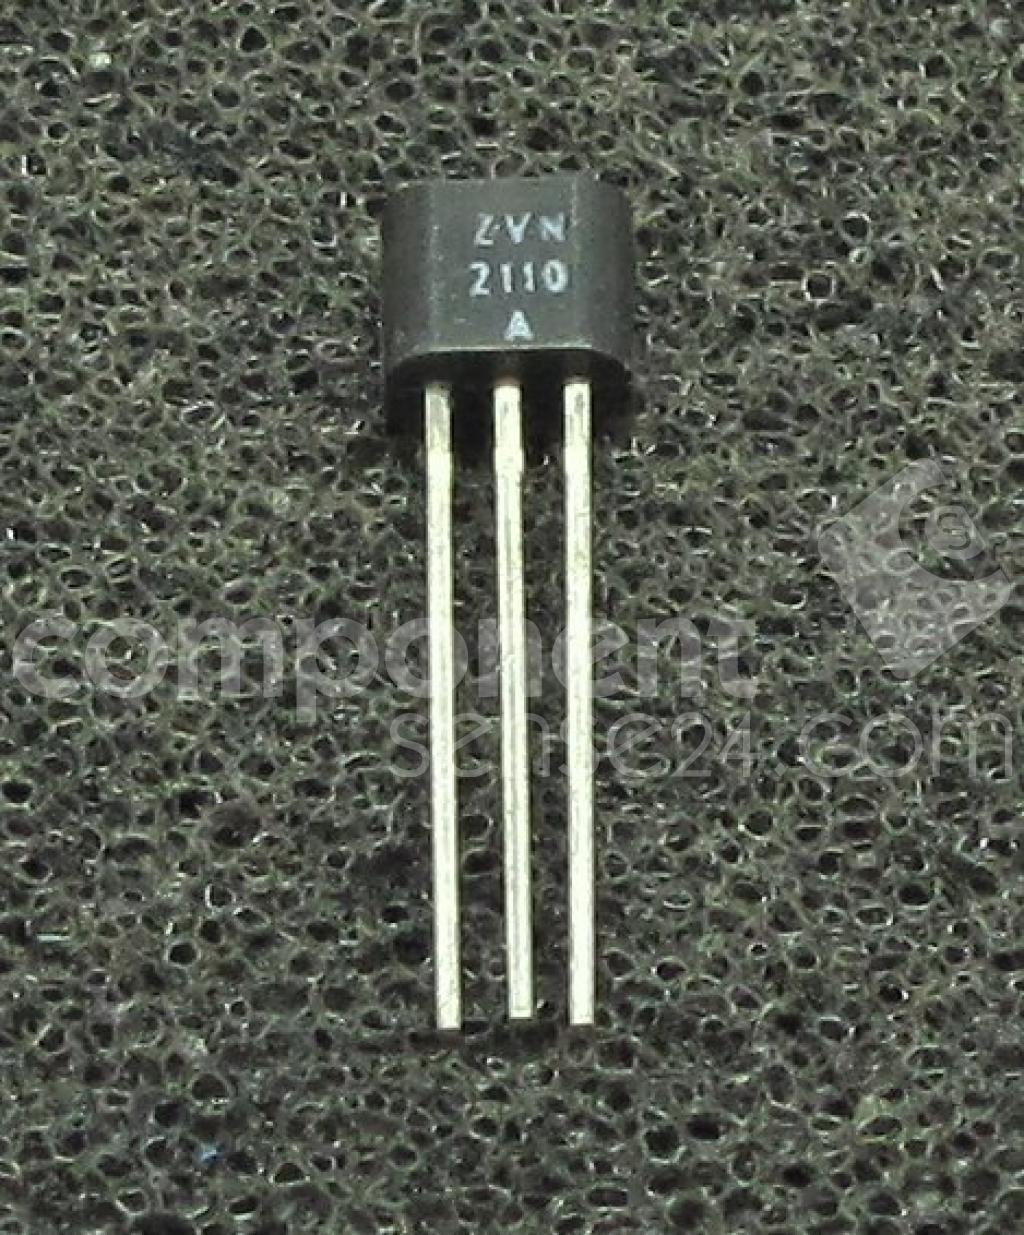 ZVN2110A - Diodes Inc. - datasheet